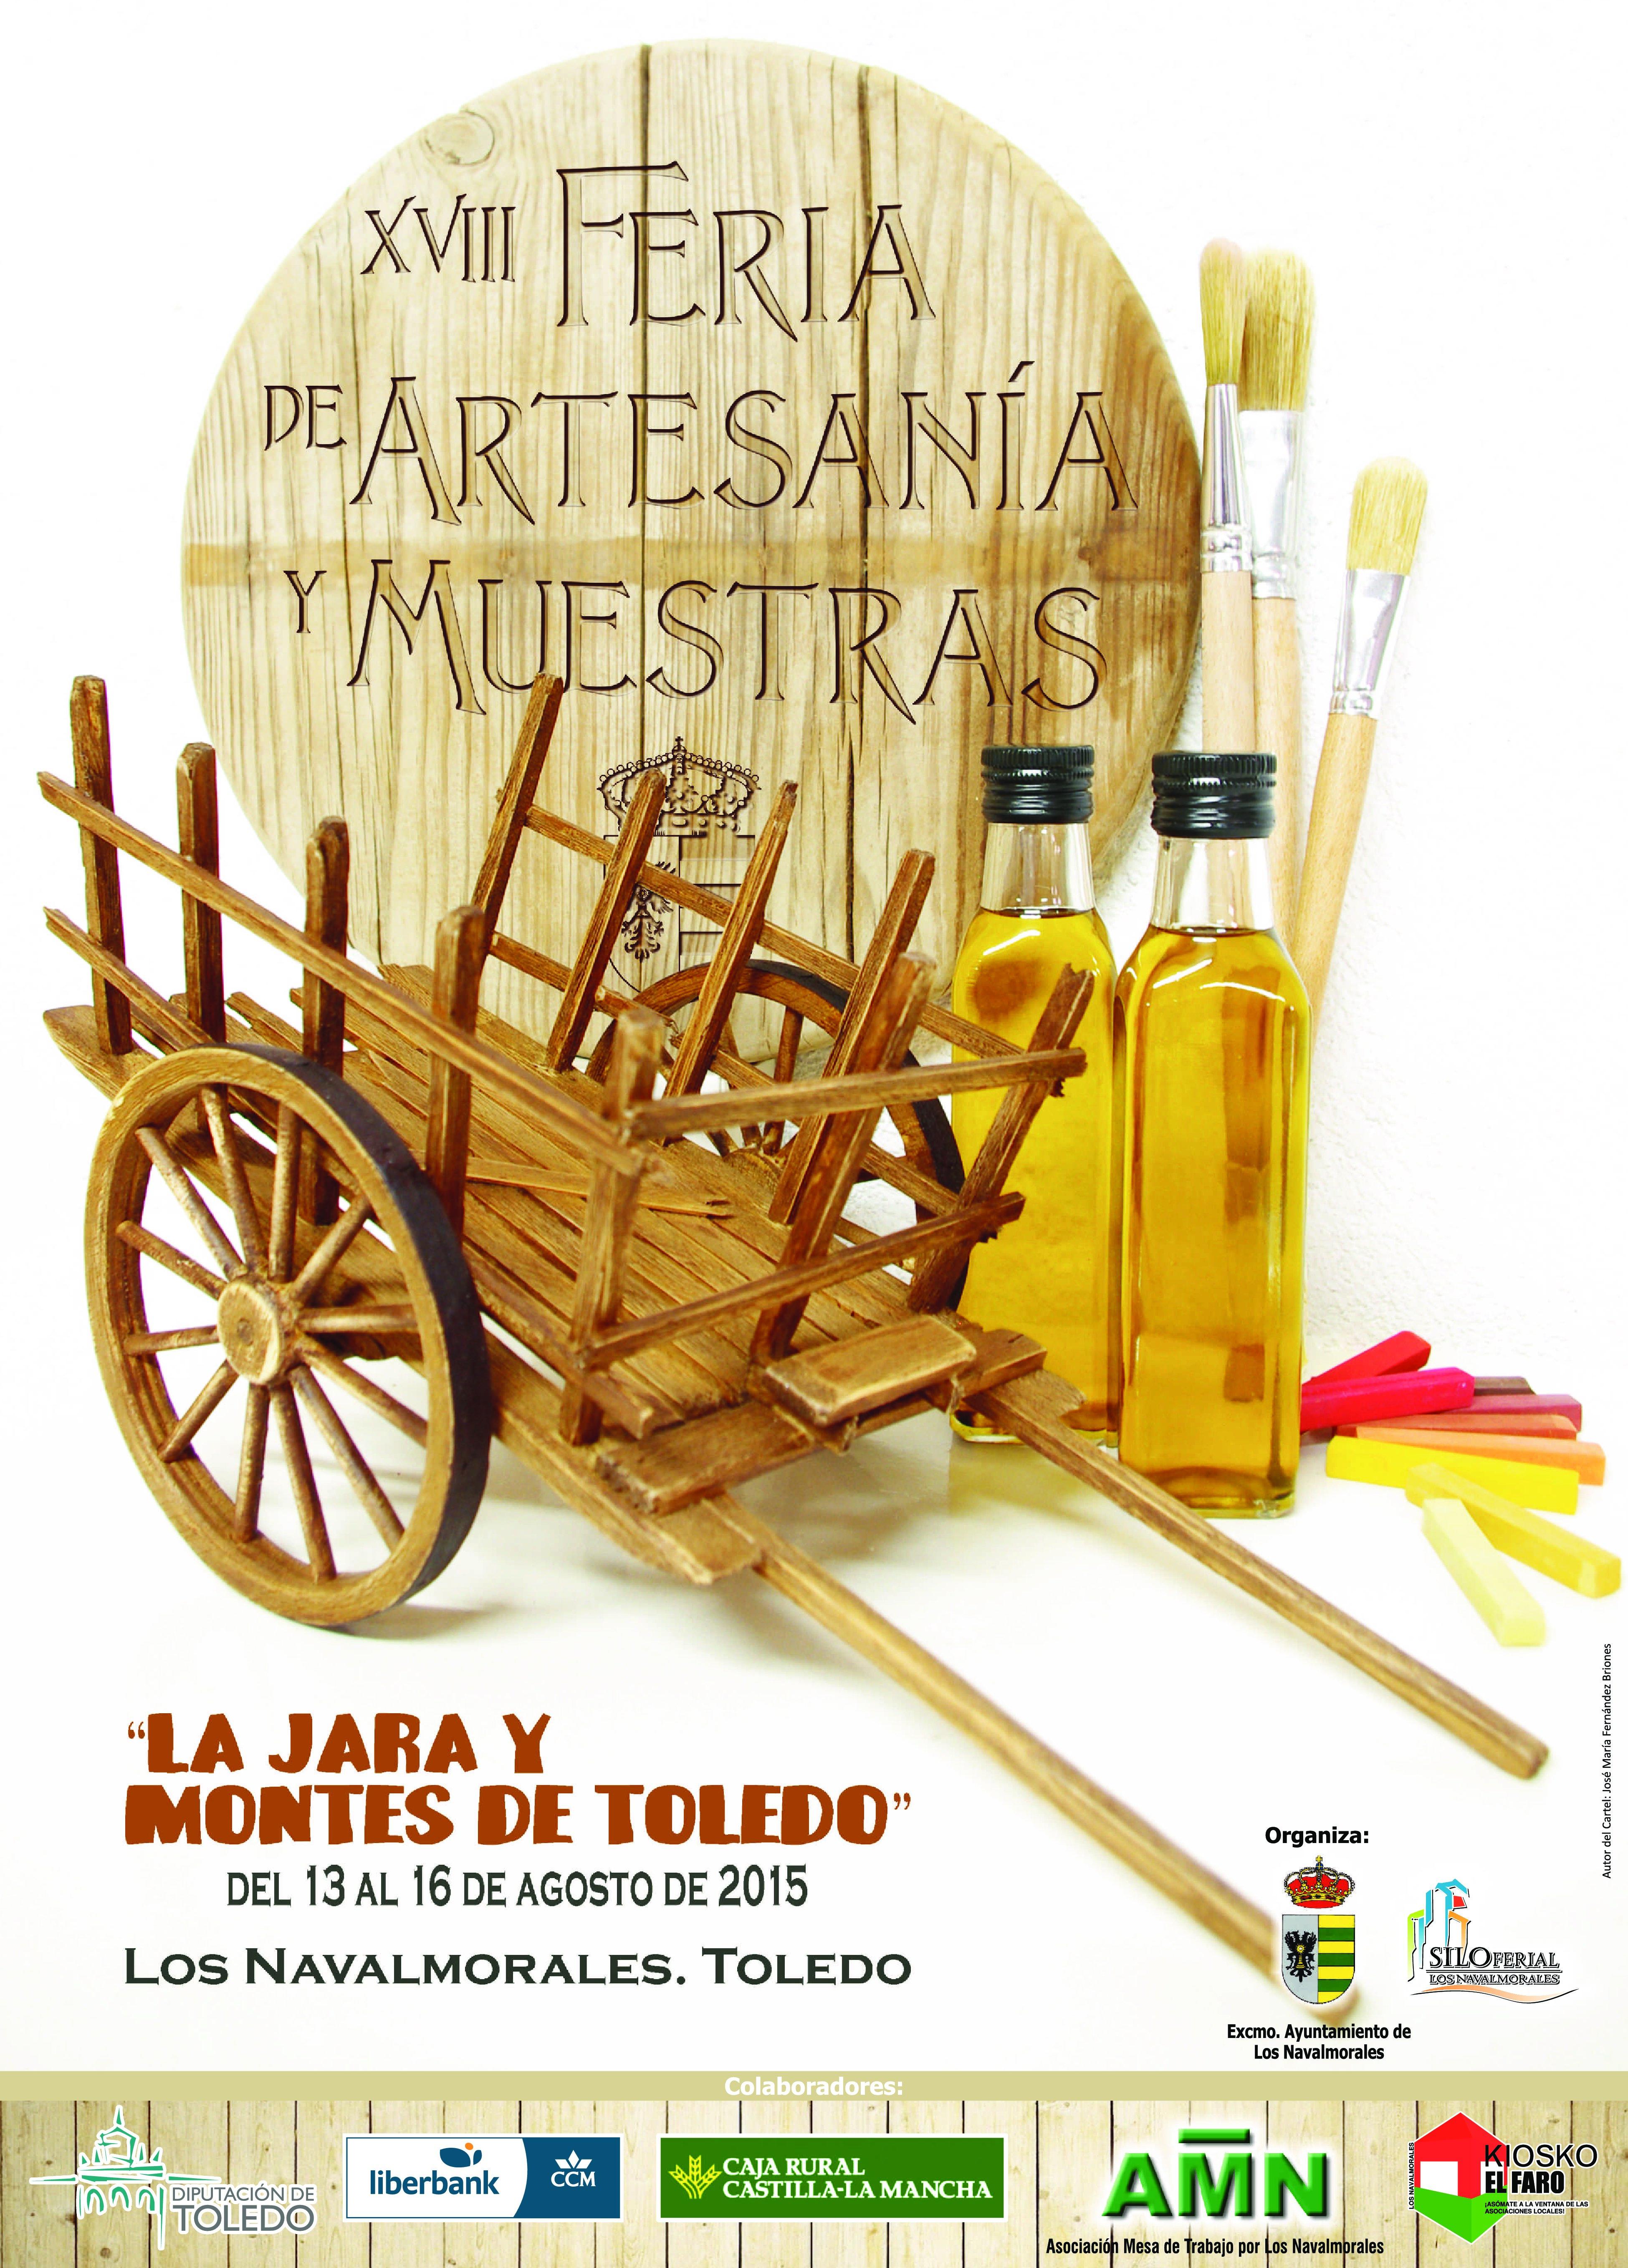 """XVIII Feria de Artesanía y Muestras """"La Jara y Montes de Toledo"""". Los Navalmorales del 13 al 16 de agosto de 2015 CartelArtesania"""